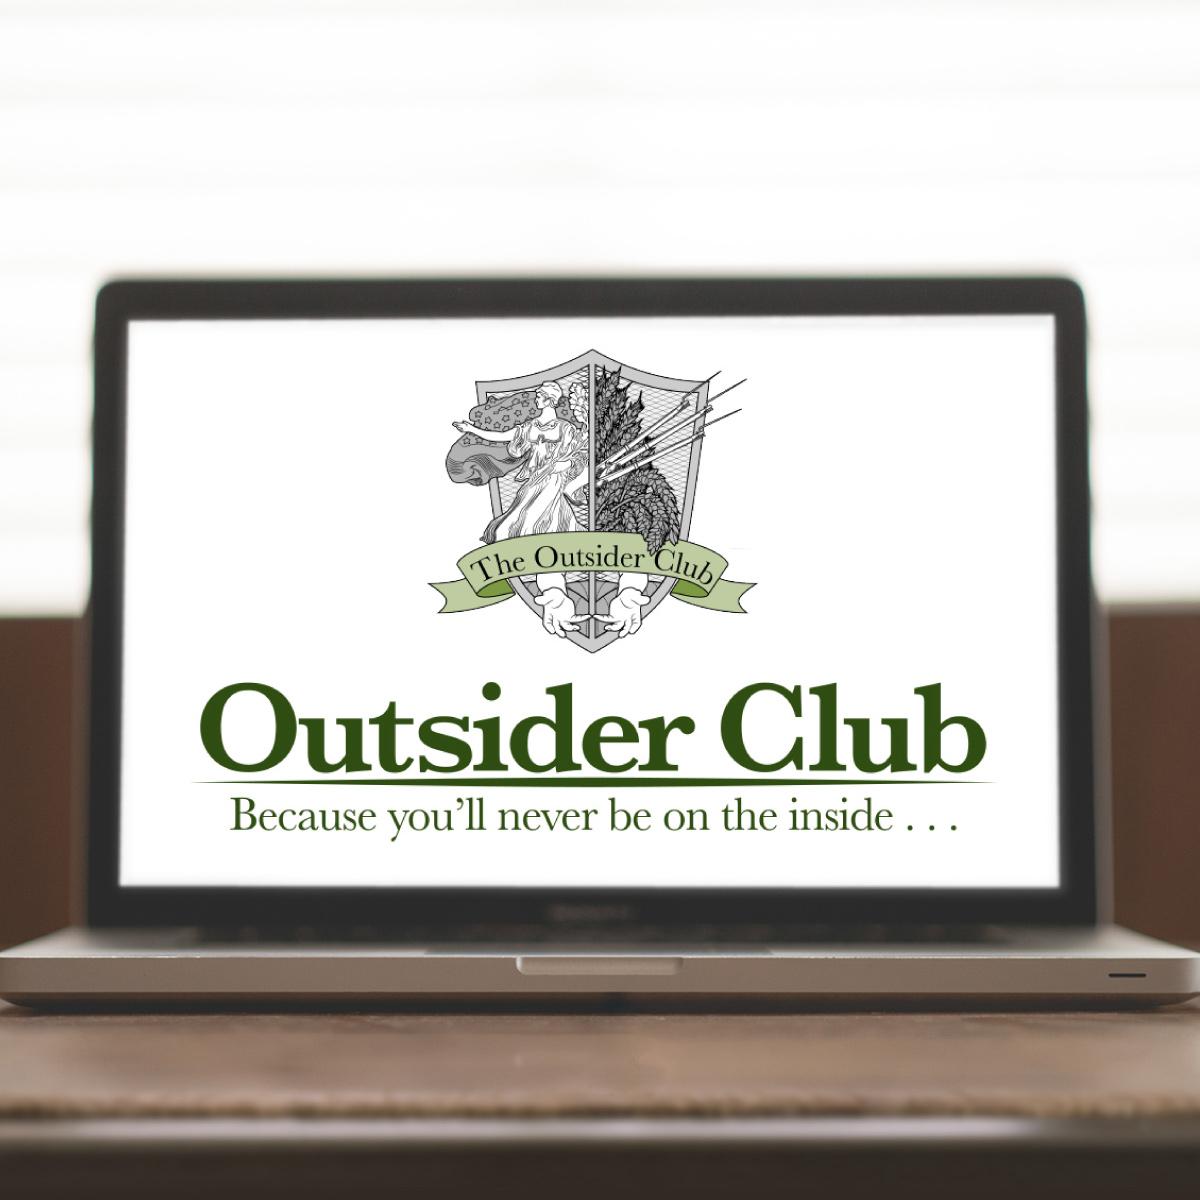 www.outsiderclub.com